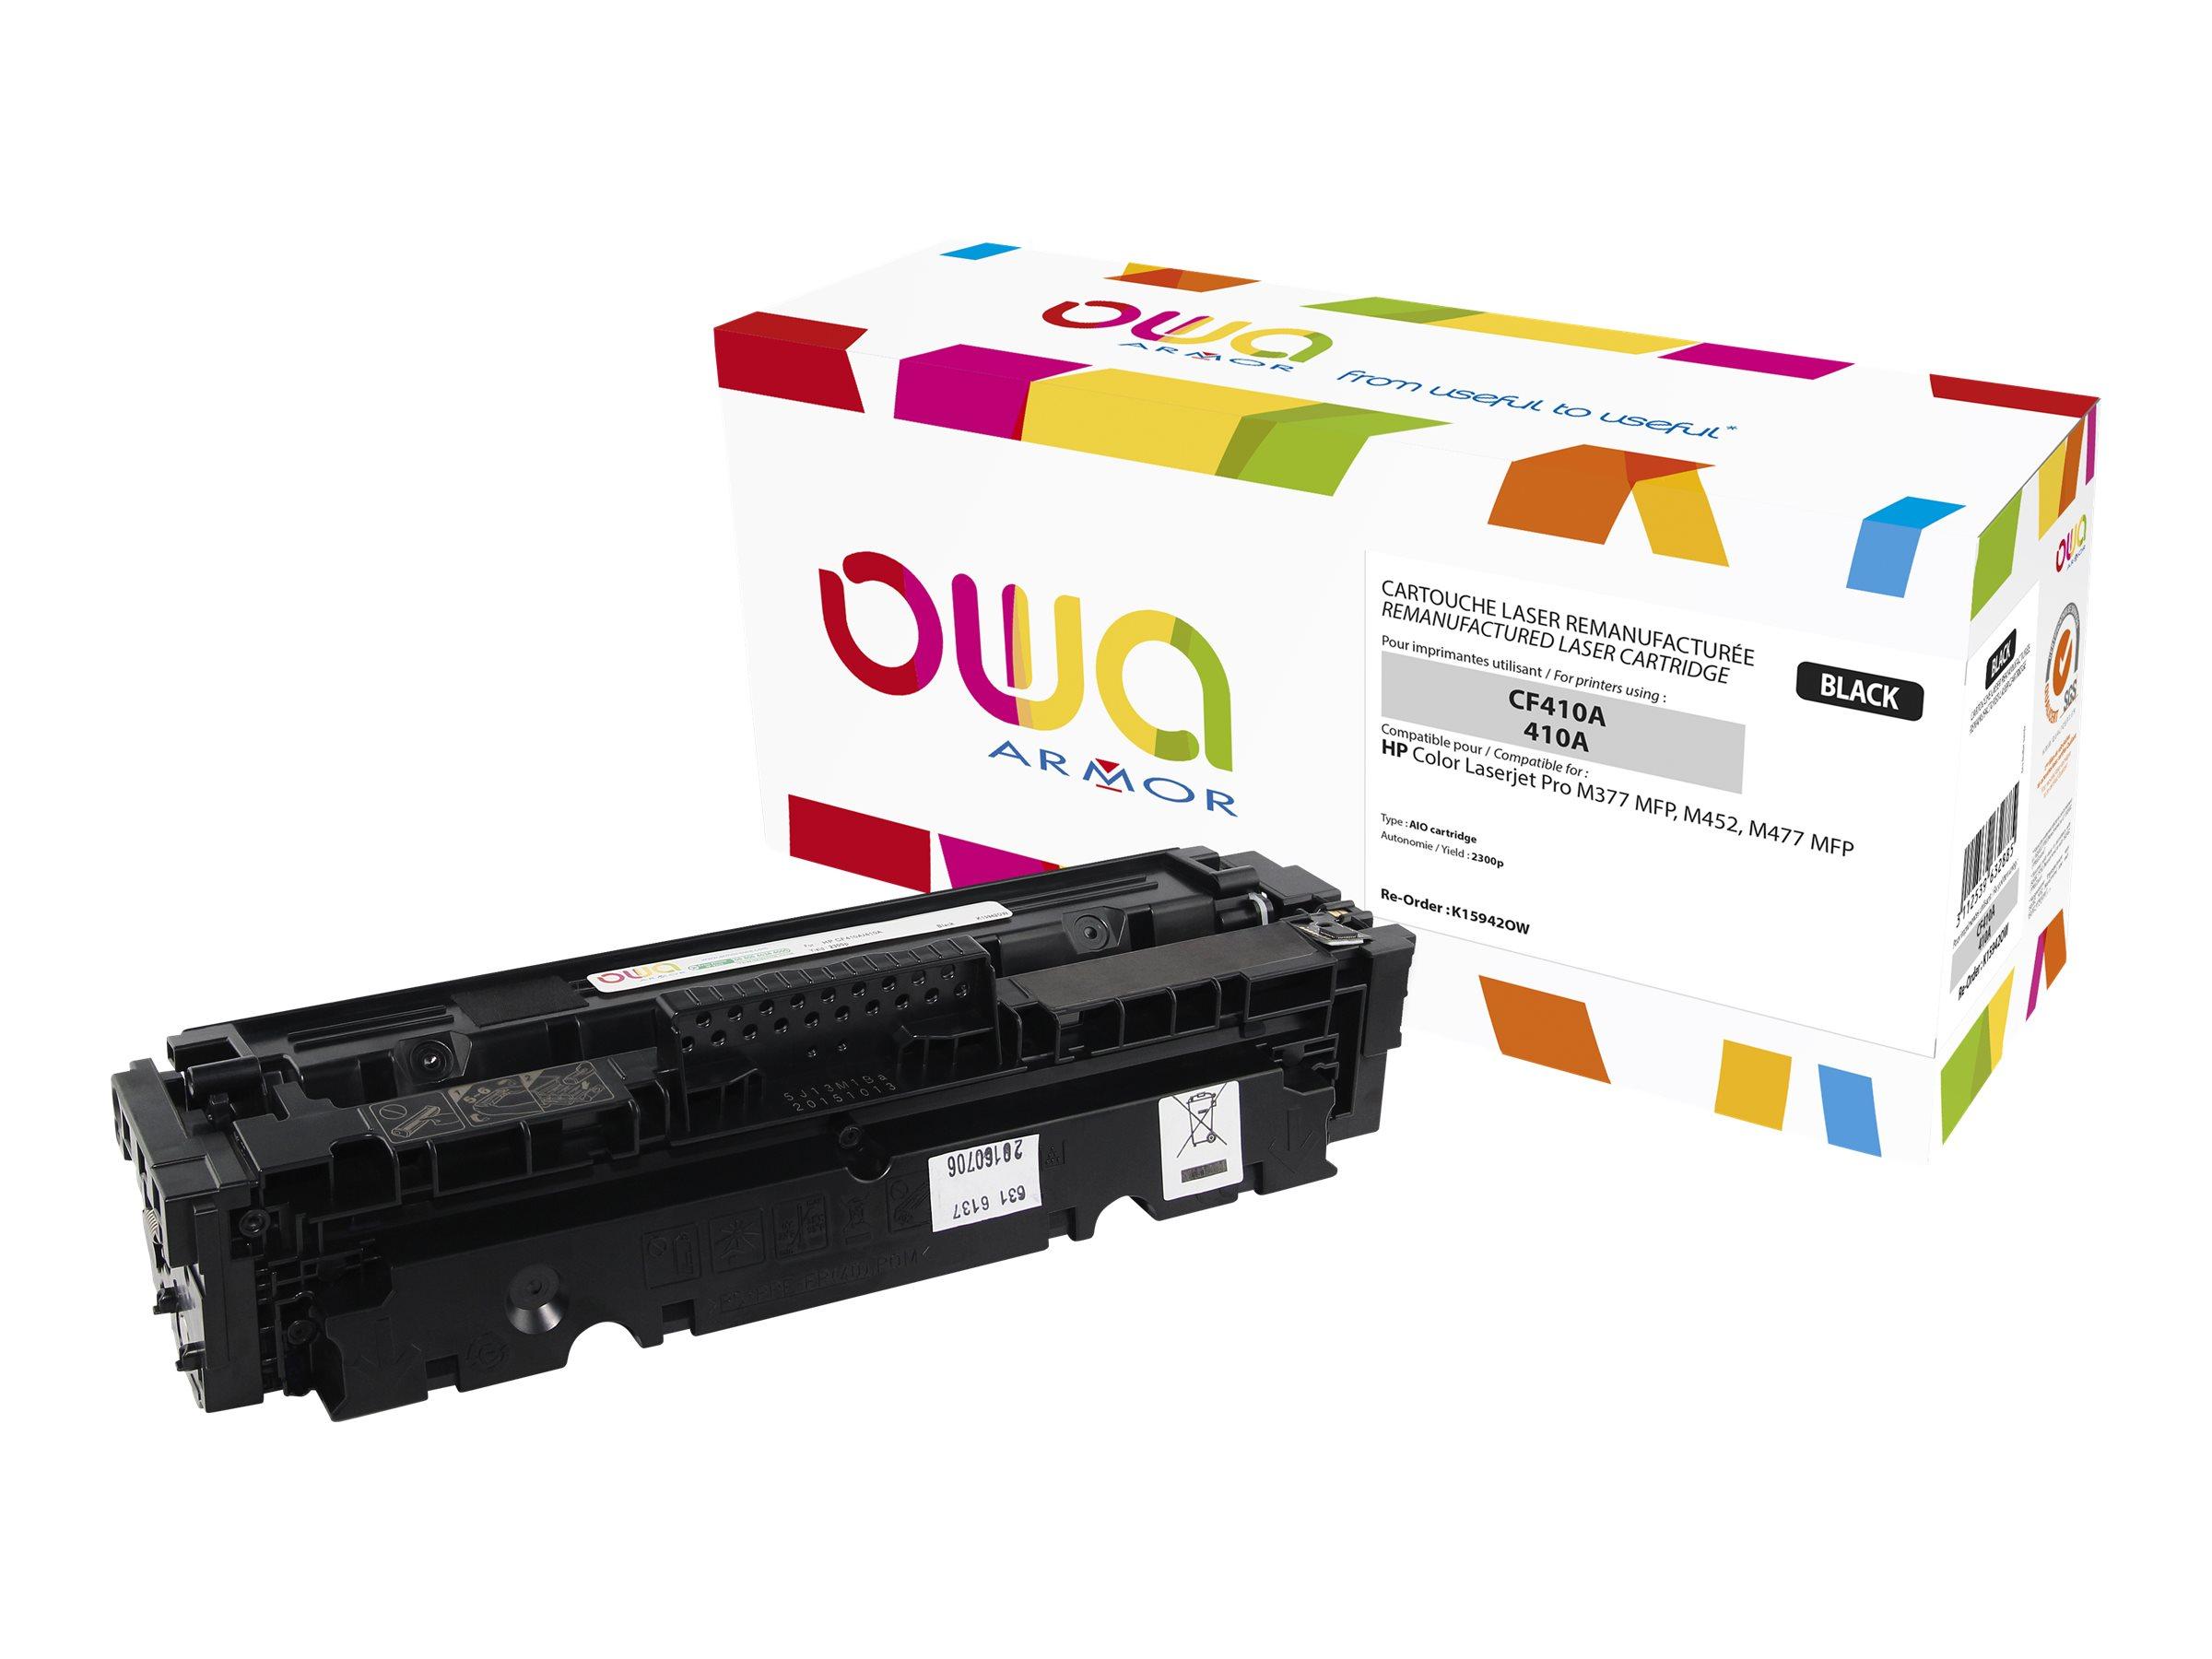 HP 410A - remanufacturé Owa K15942OW - noir - cartouche laser